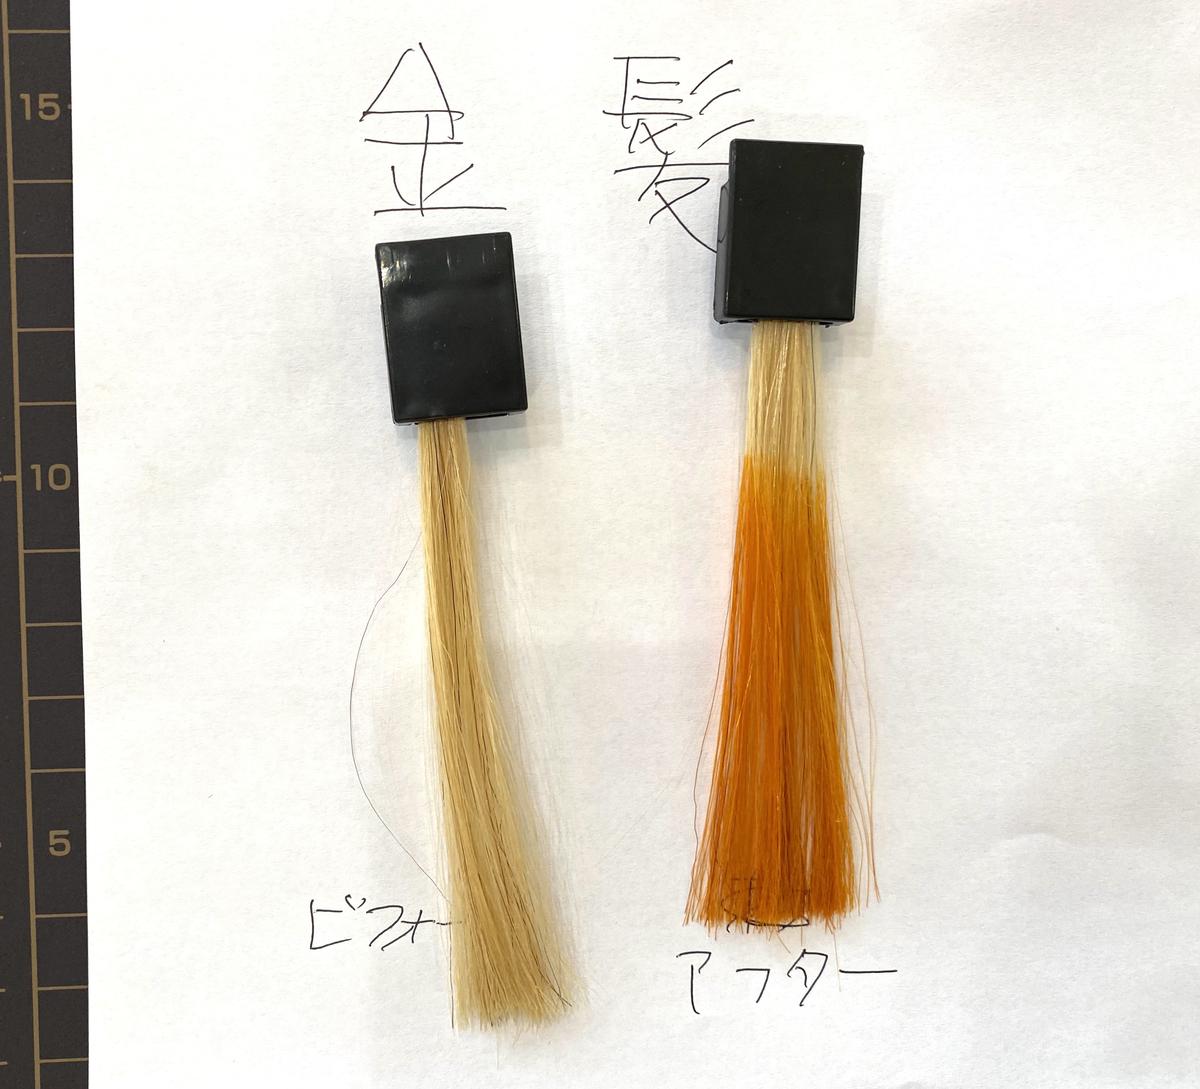 画面左が金髪で画面右が金髪にマンゴーオレンジで染めた毛束